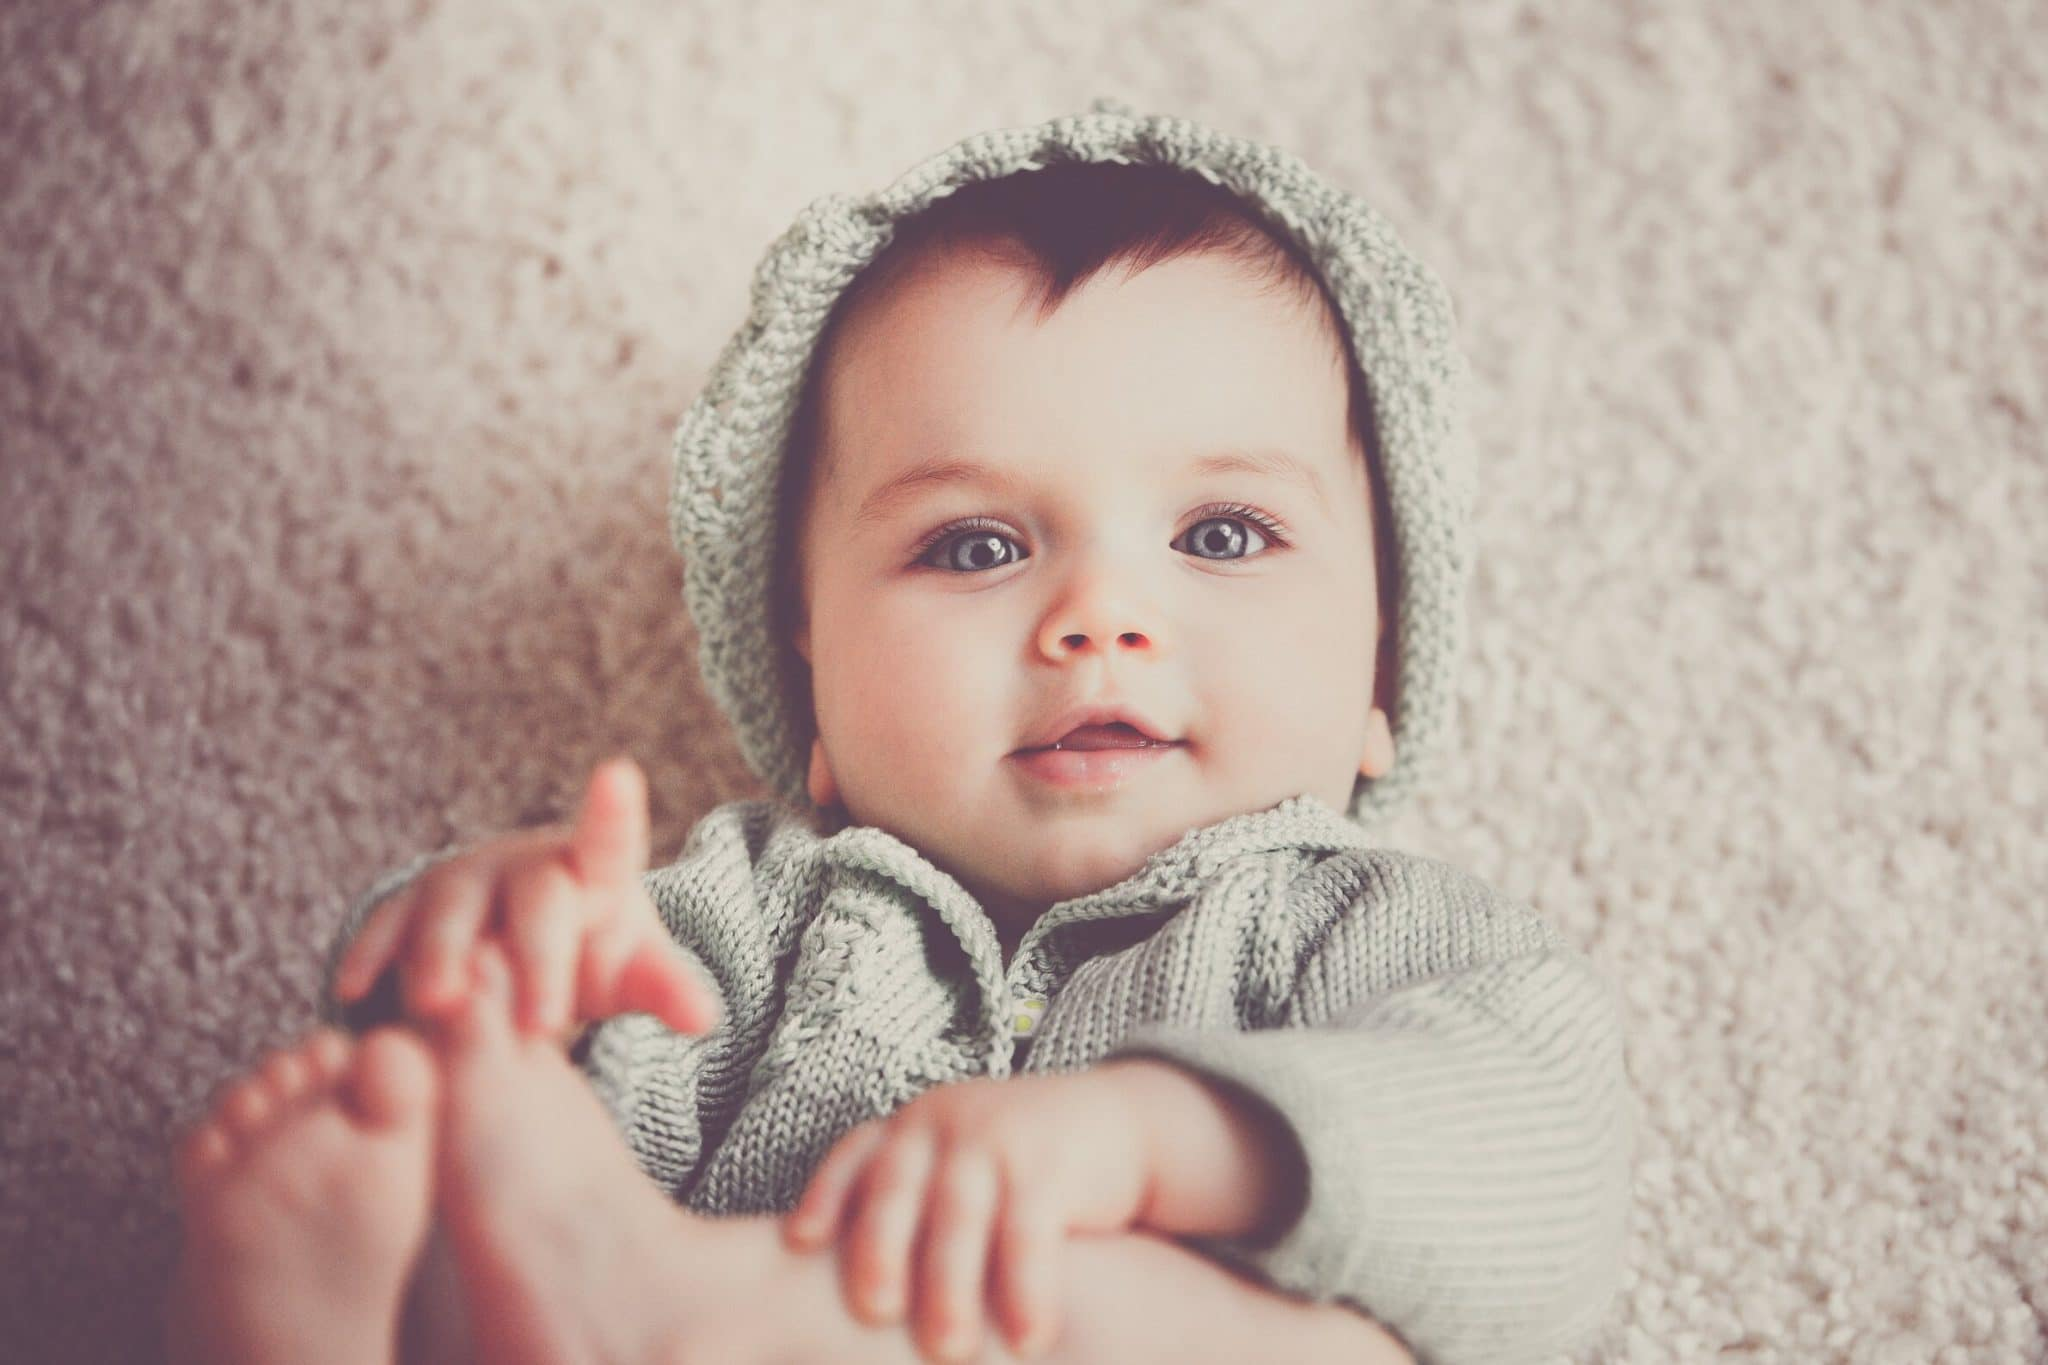 Bébé en hiver : comment s'assurer qu'il aura chaud en promenade ?